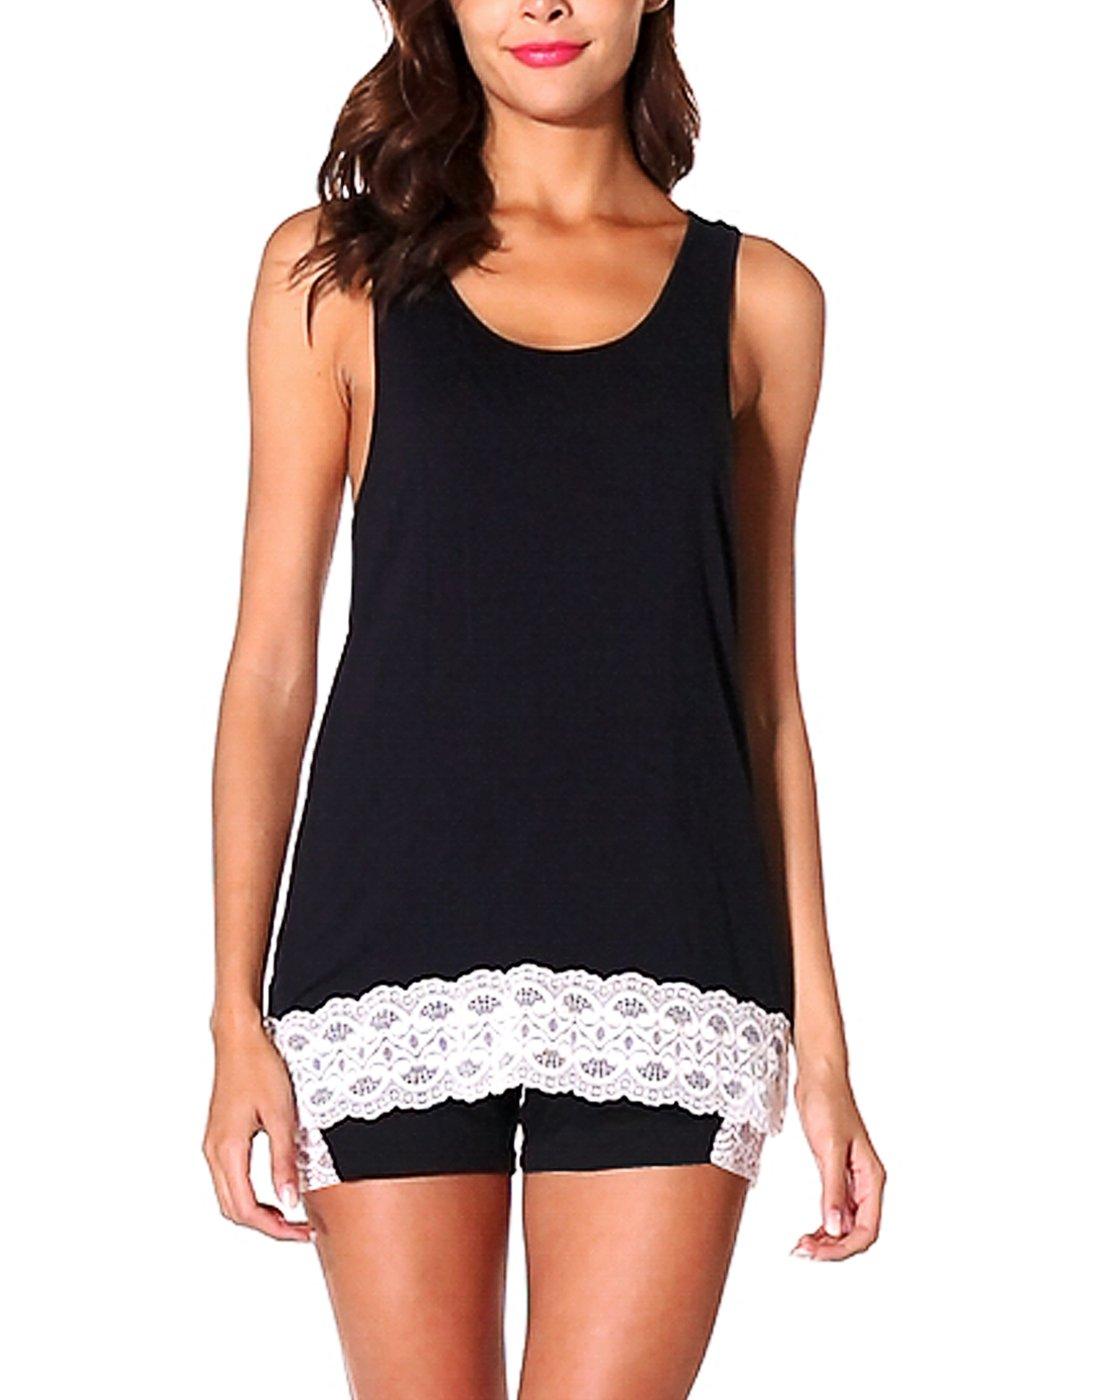 Avidlove Lace Pajama Shorts Set Sexy Women Night Sleepwear S-2XL